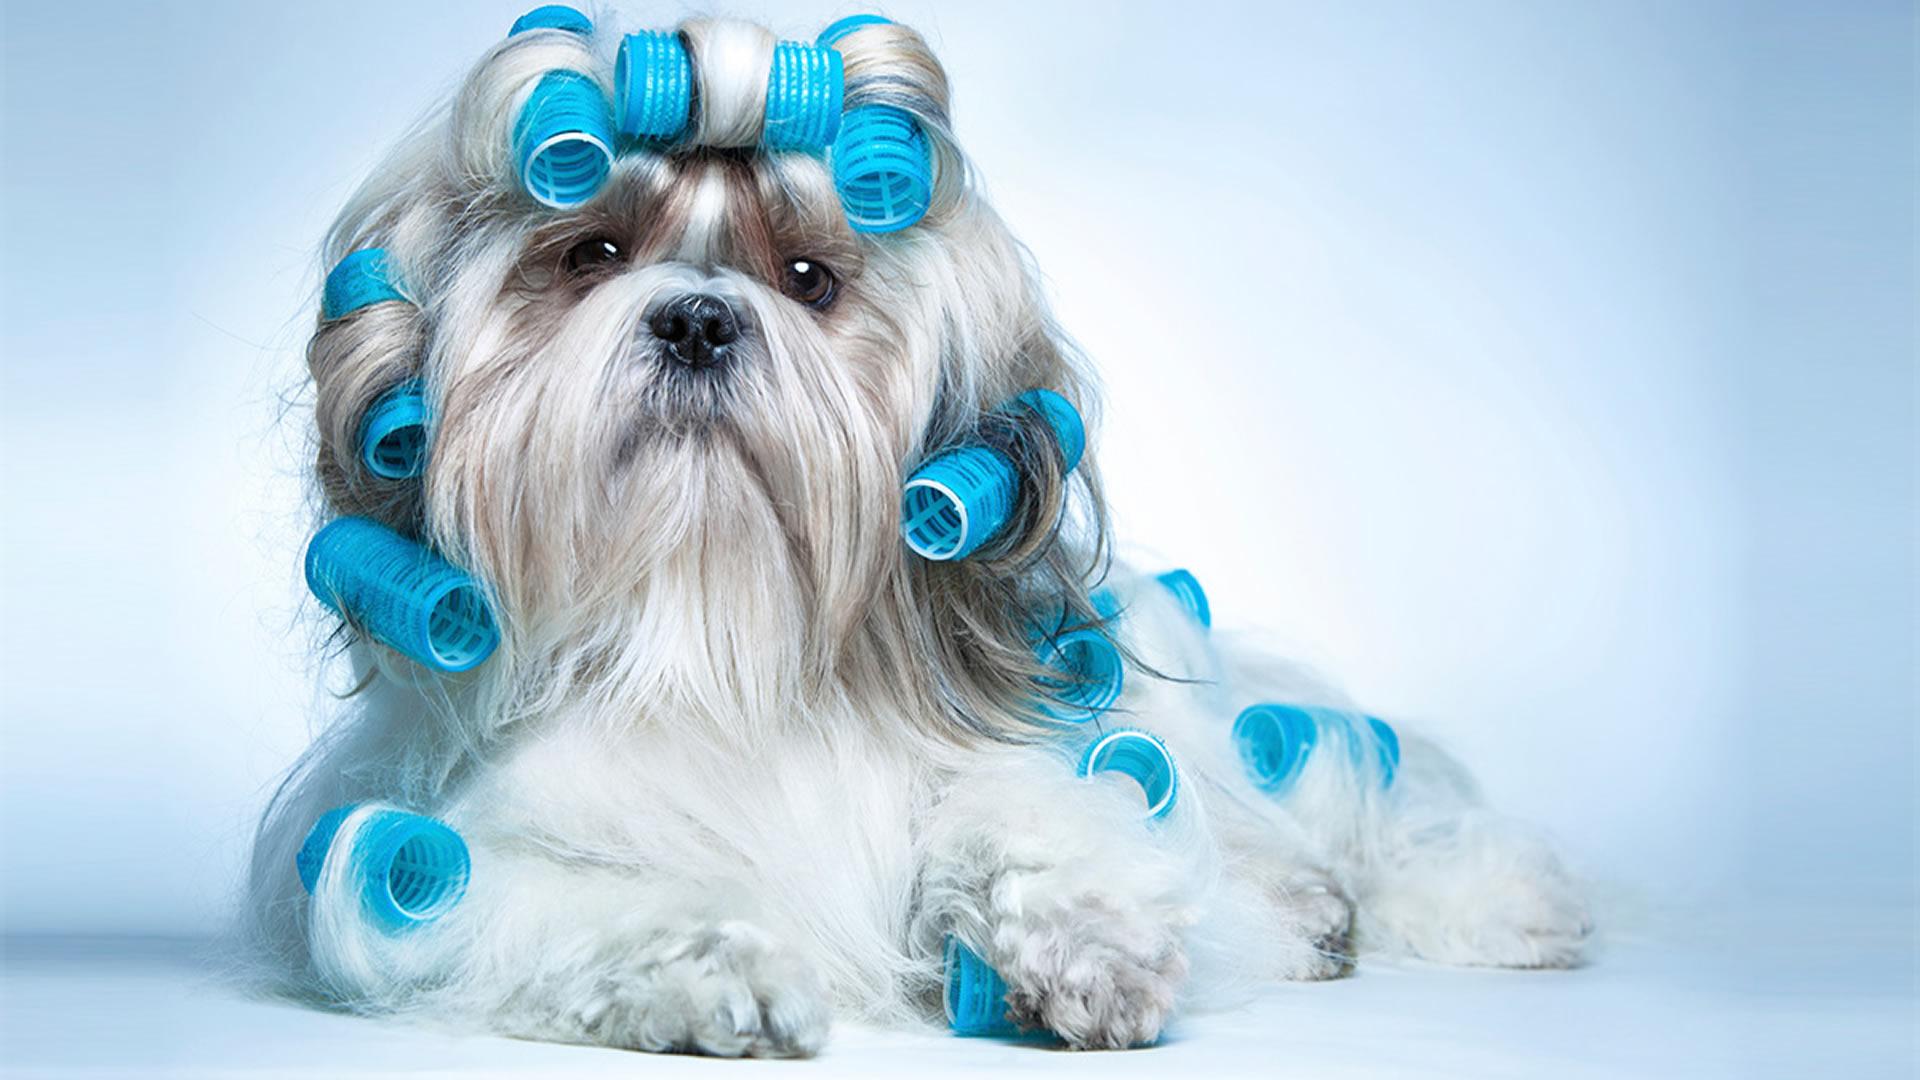 Trattamento SPA Ozonoterapia | Idromassaggio per cani ...